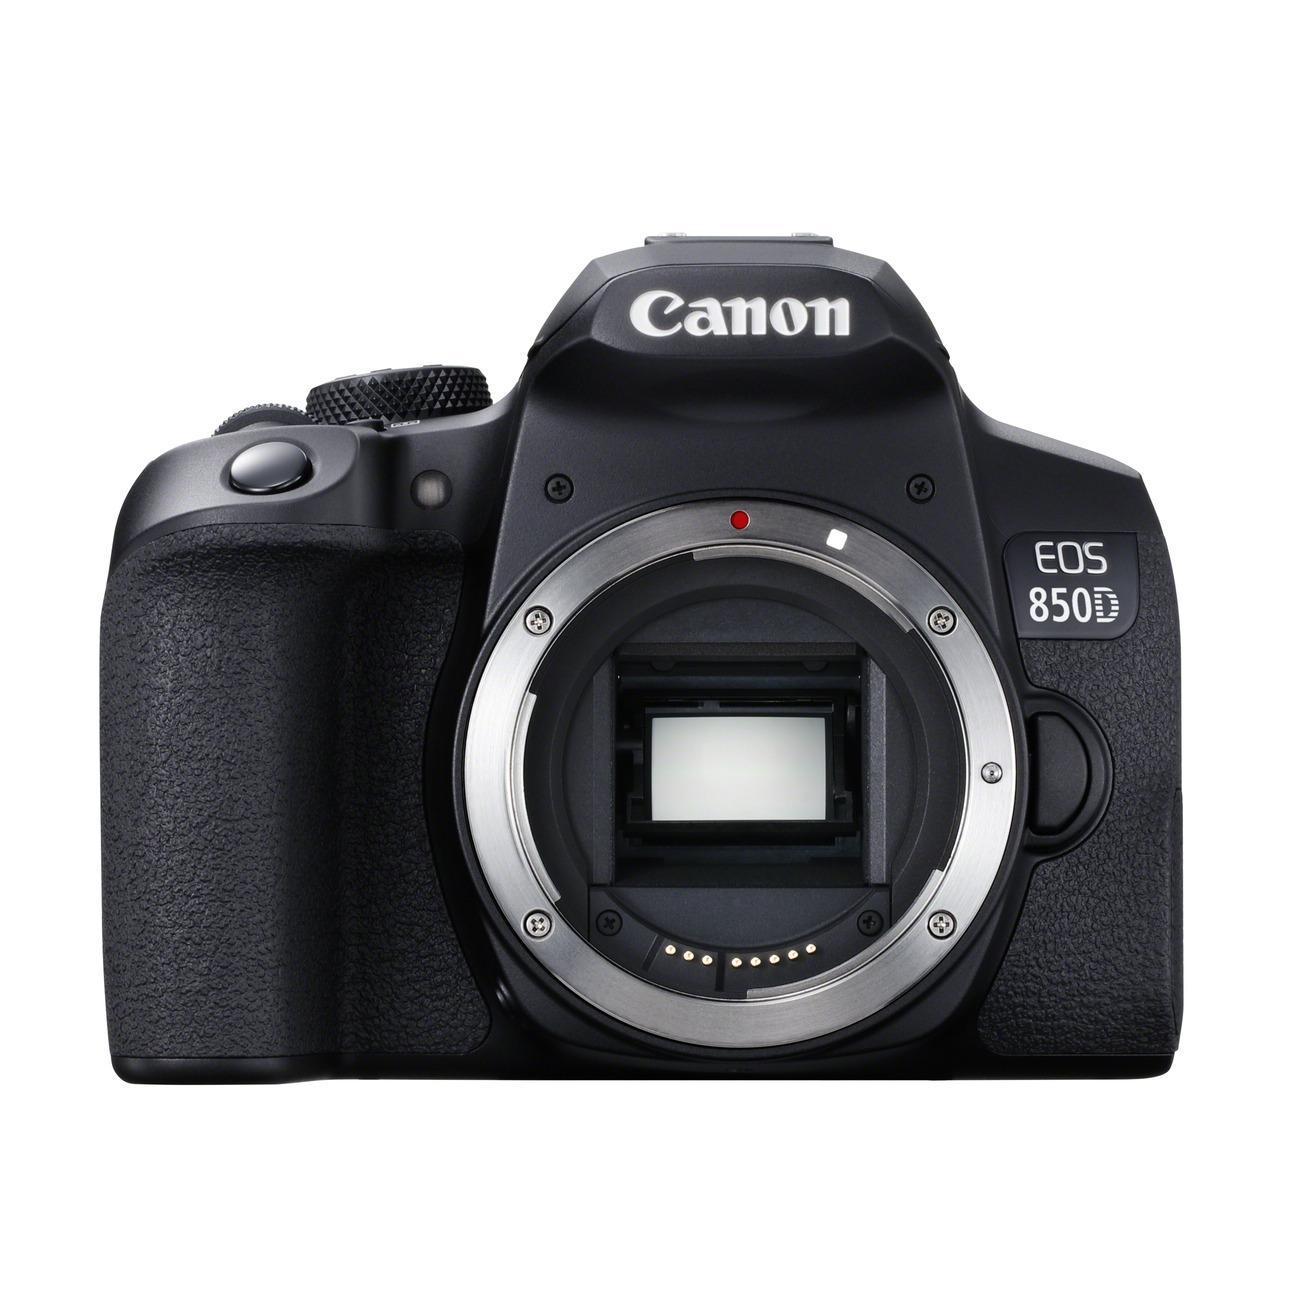 Canon выпустила зеркальный фотоаппарат EOS 850D